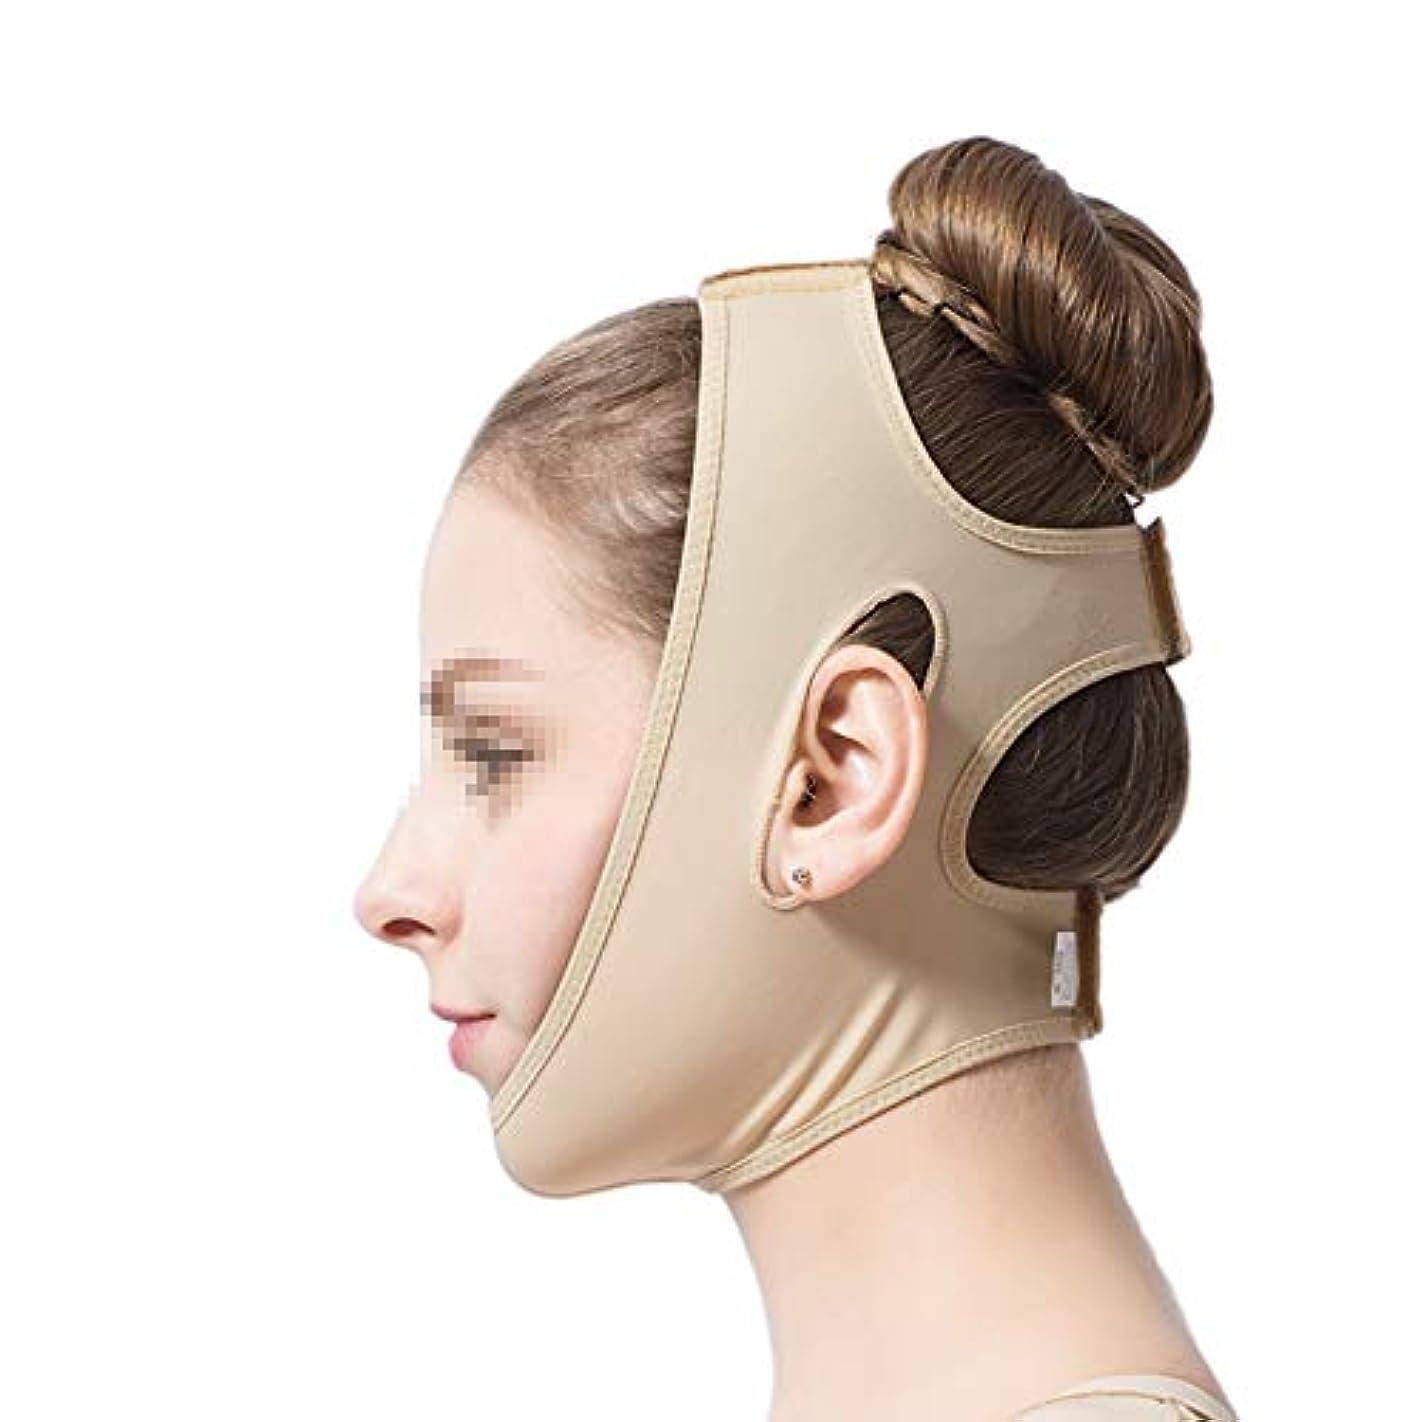 食料品店拡声器資金フェイスリフトマスク、下顎袖医療グレード脂肪吸引術整形弾性ヘッドギアダブルあご顔ライン彫刻圧力包帯 (Size : S)